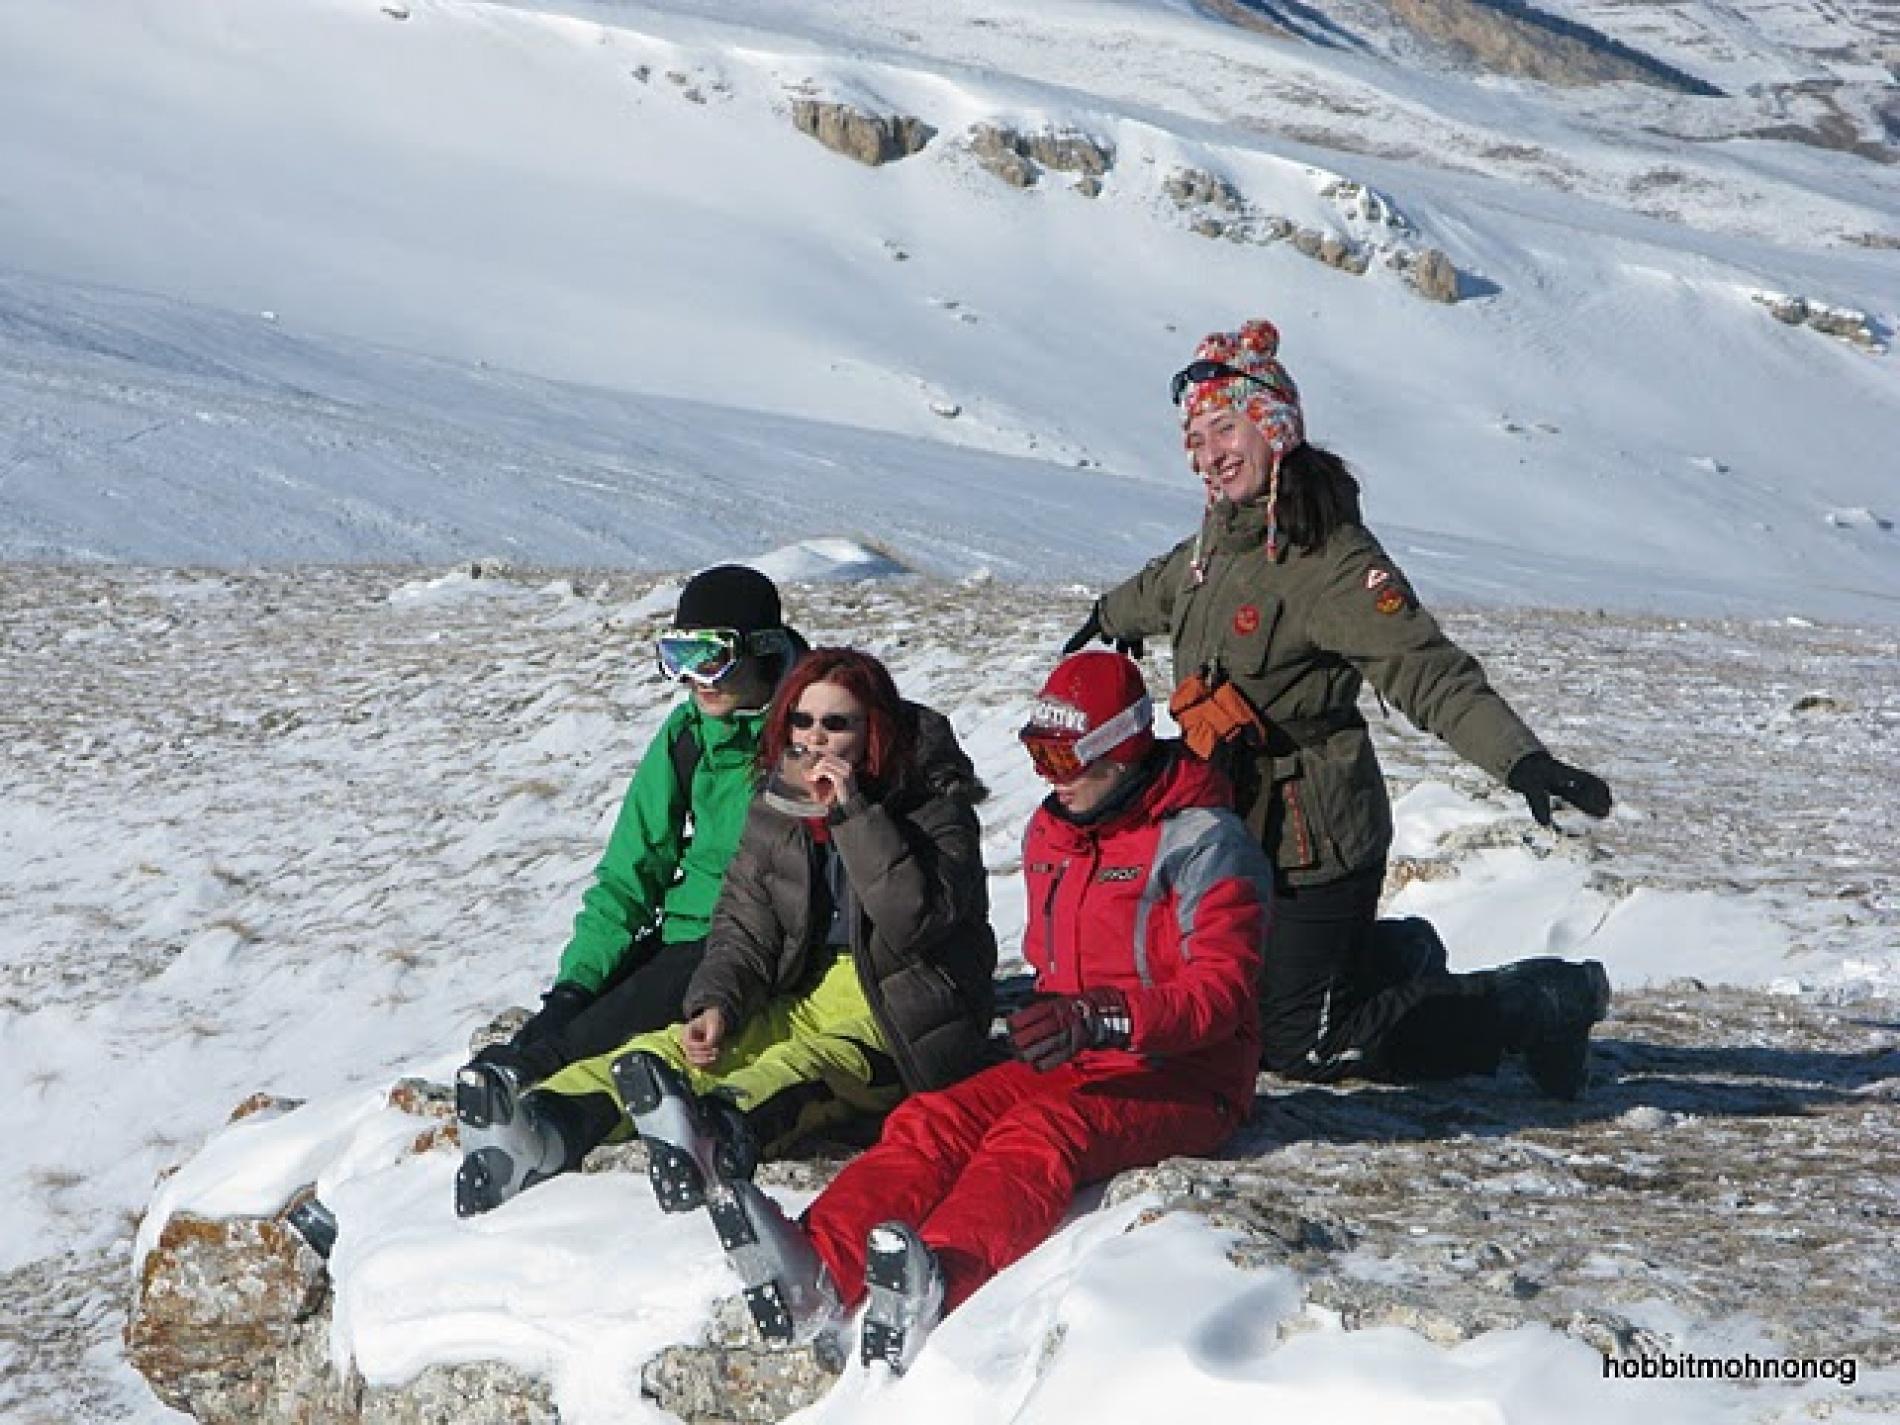 """Горноклиматический курорт """"Чиндирчеро"""" Республика Дагестан, фото 10"""